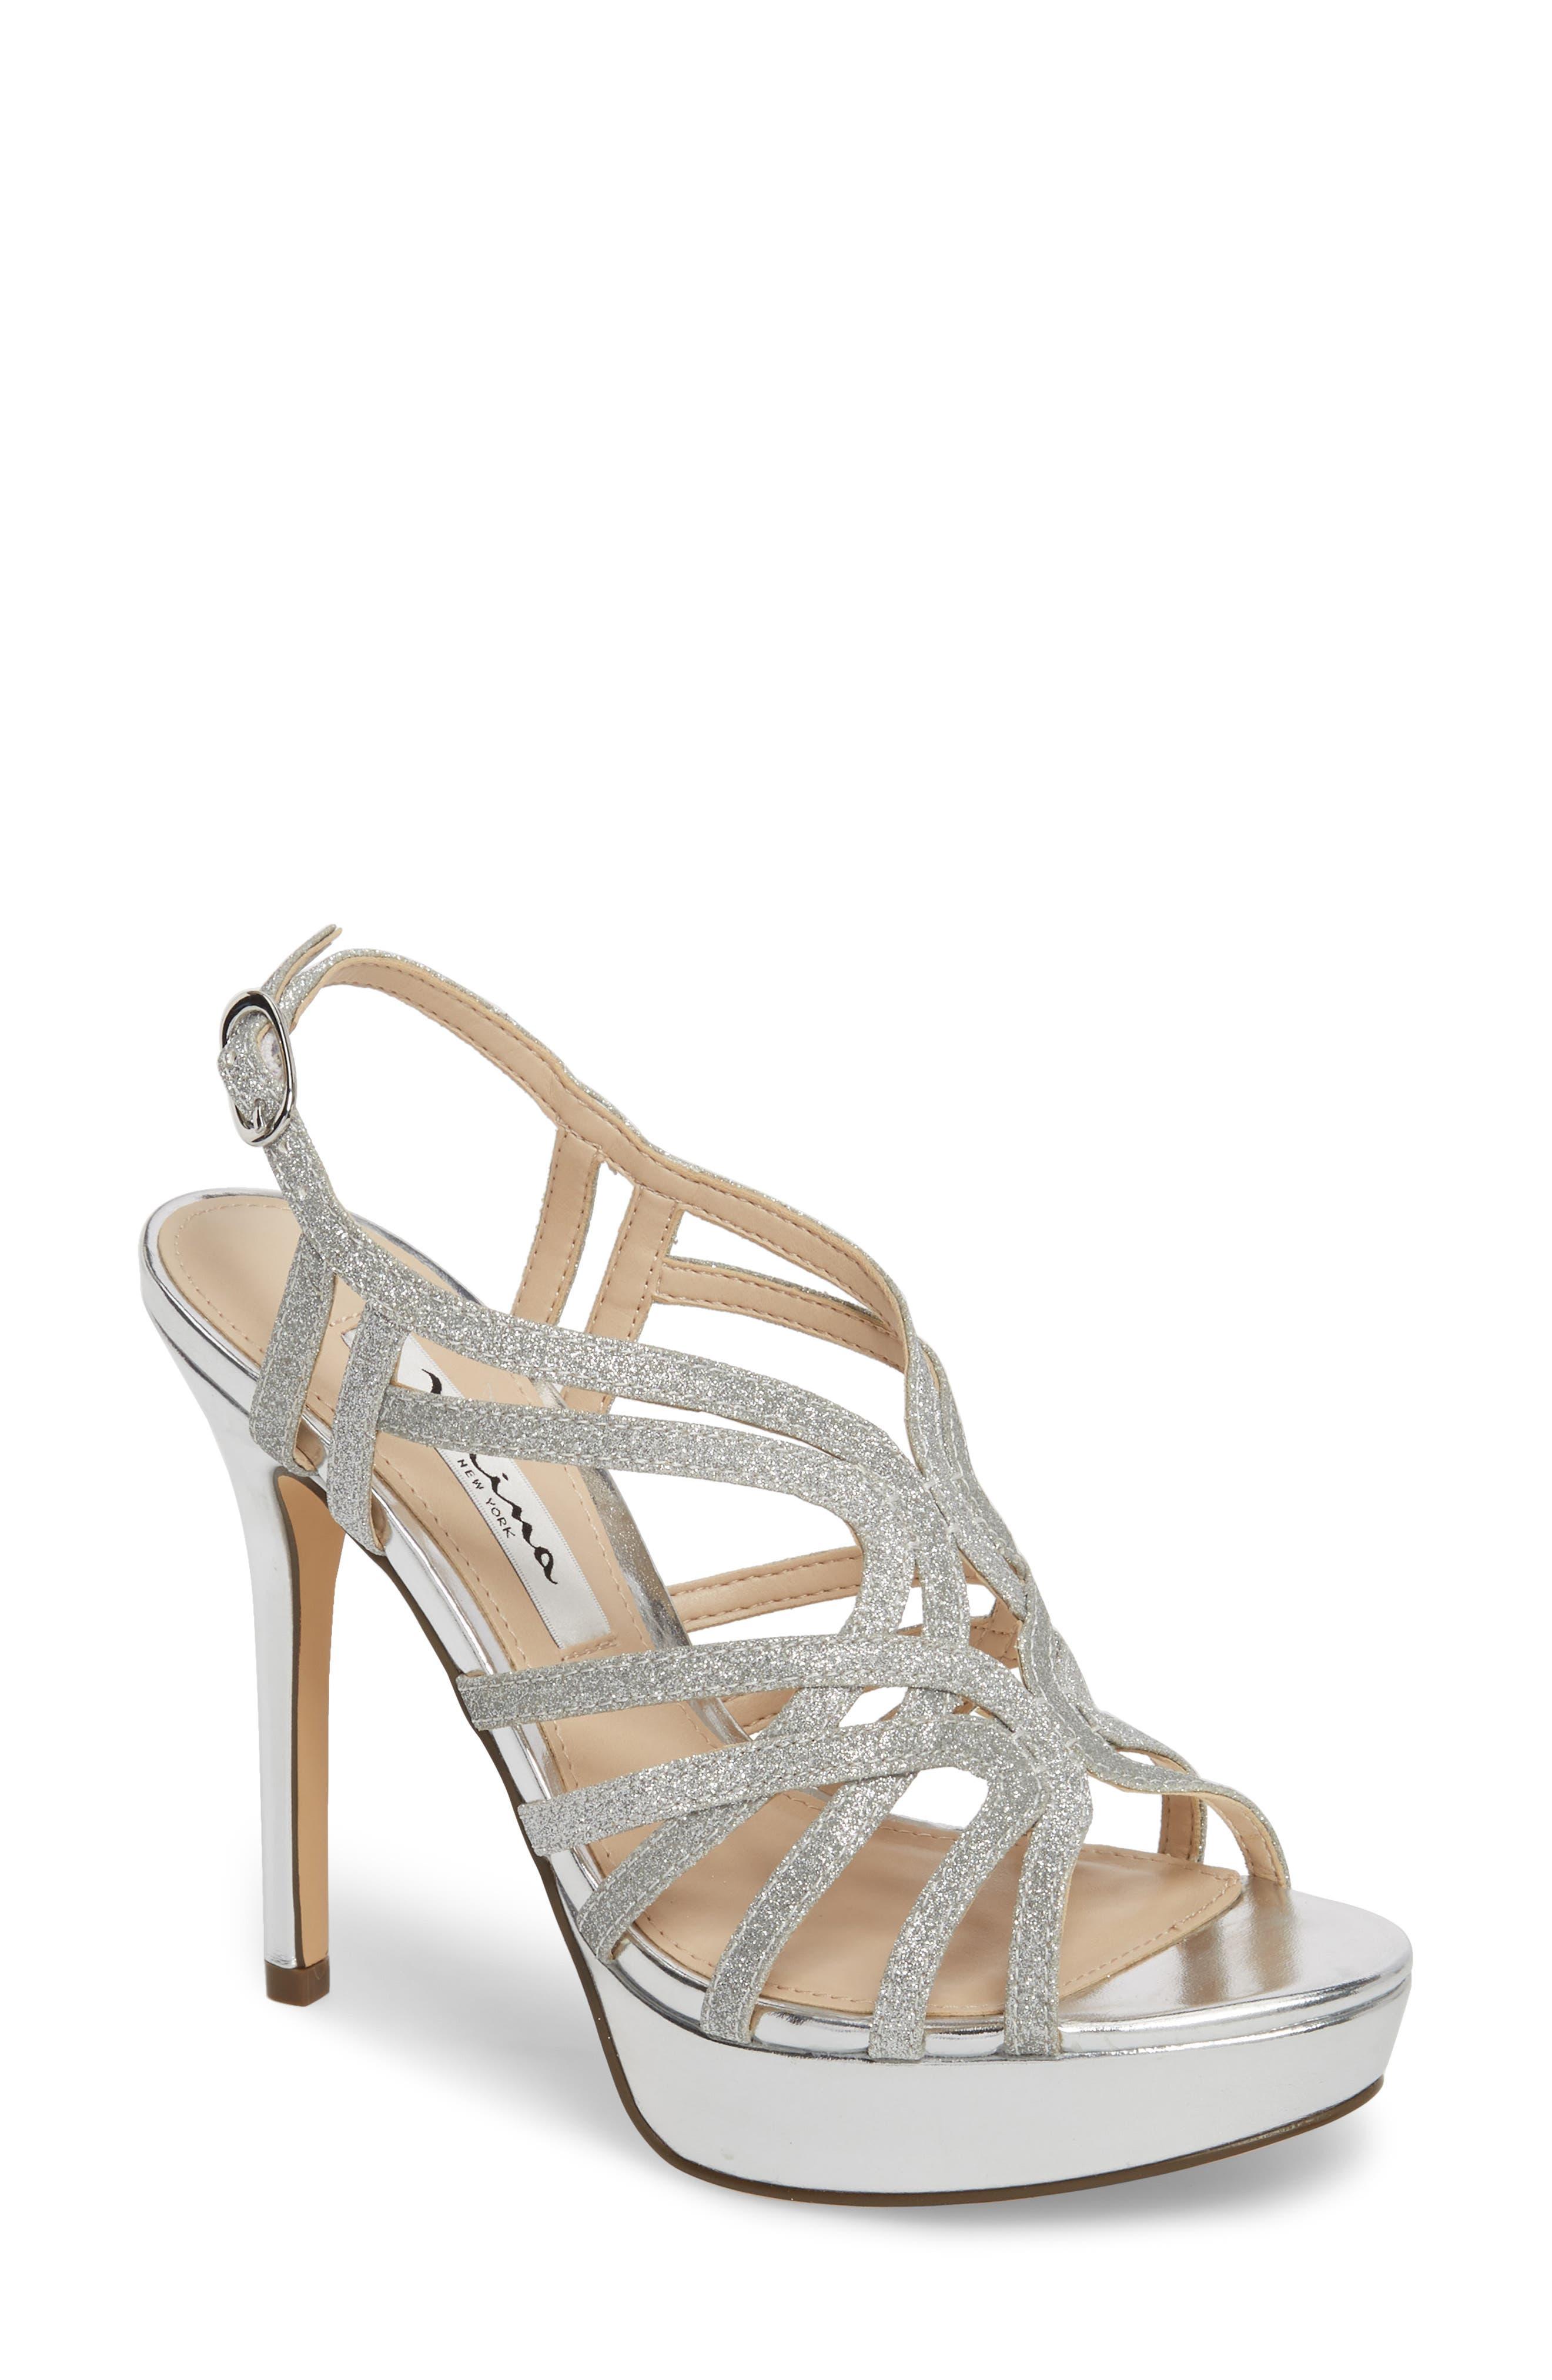 Solina Platform Sandal,                         Main,                         color,